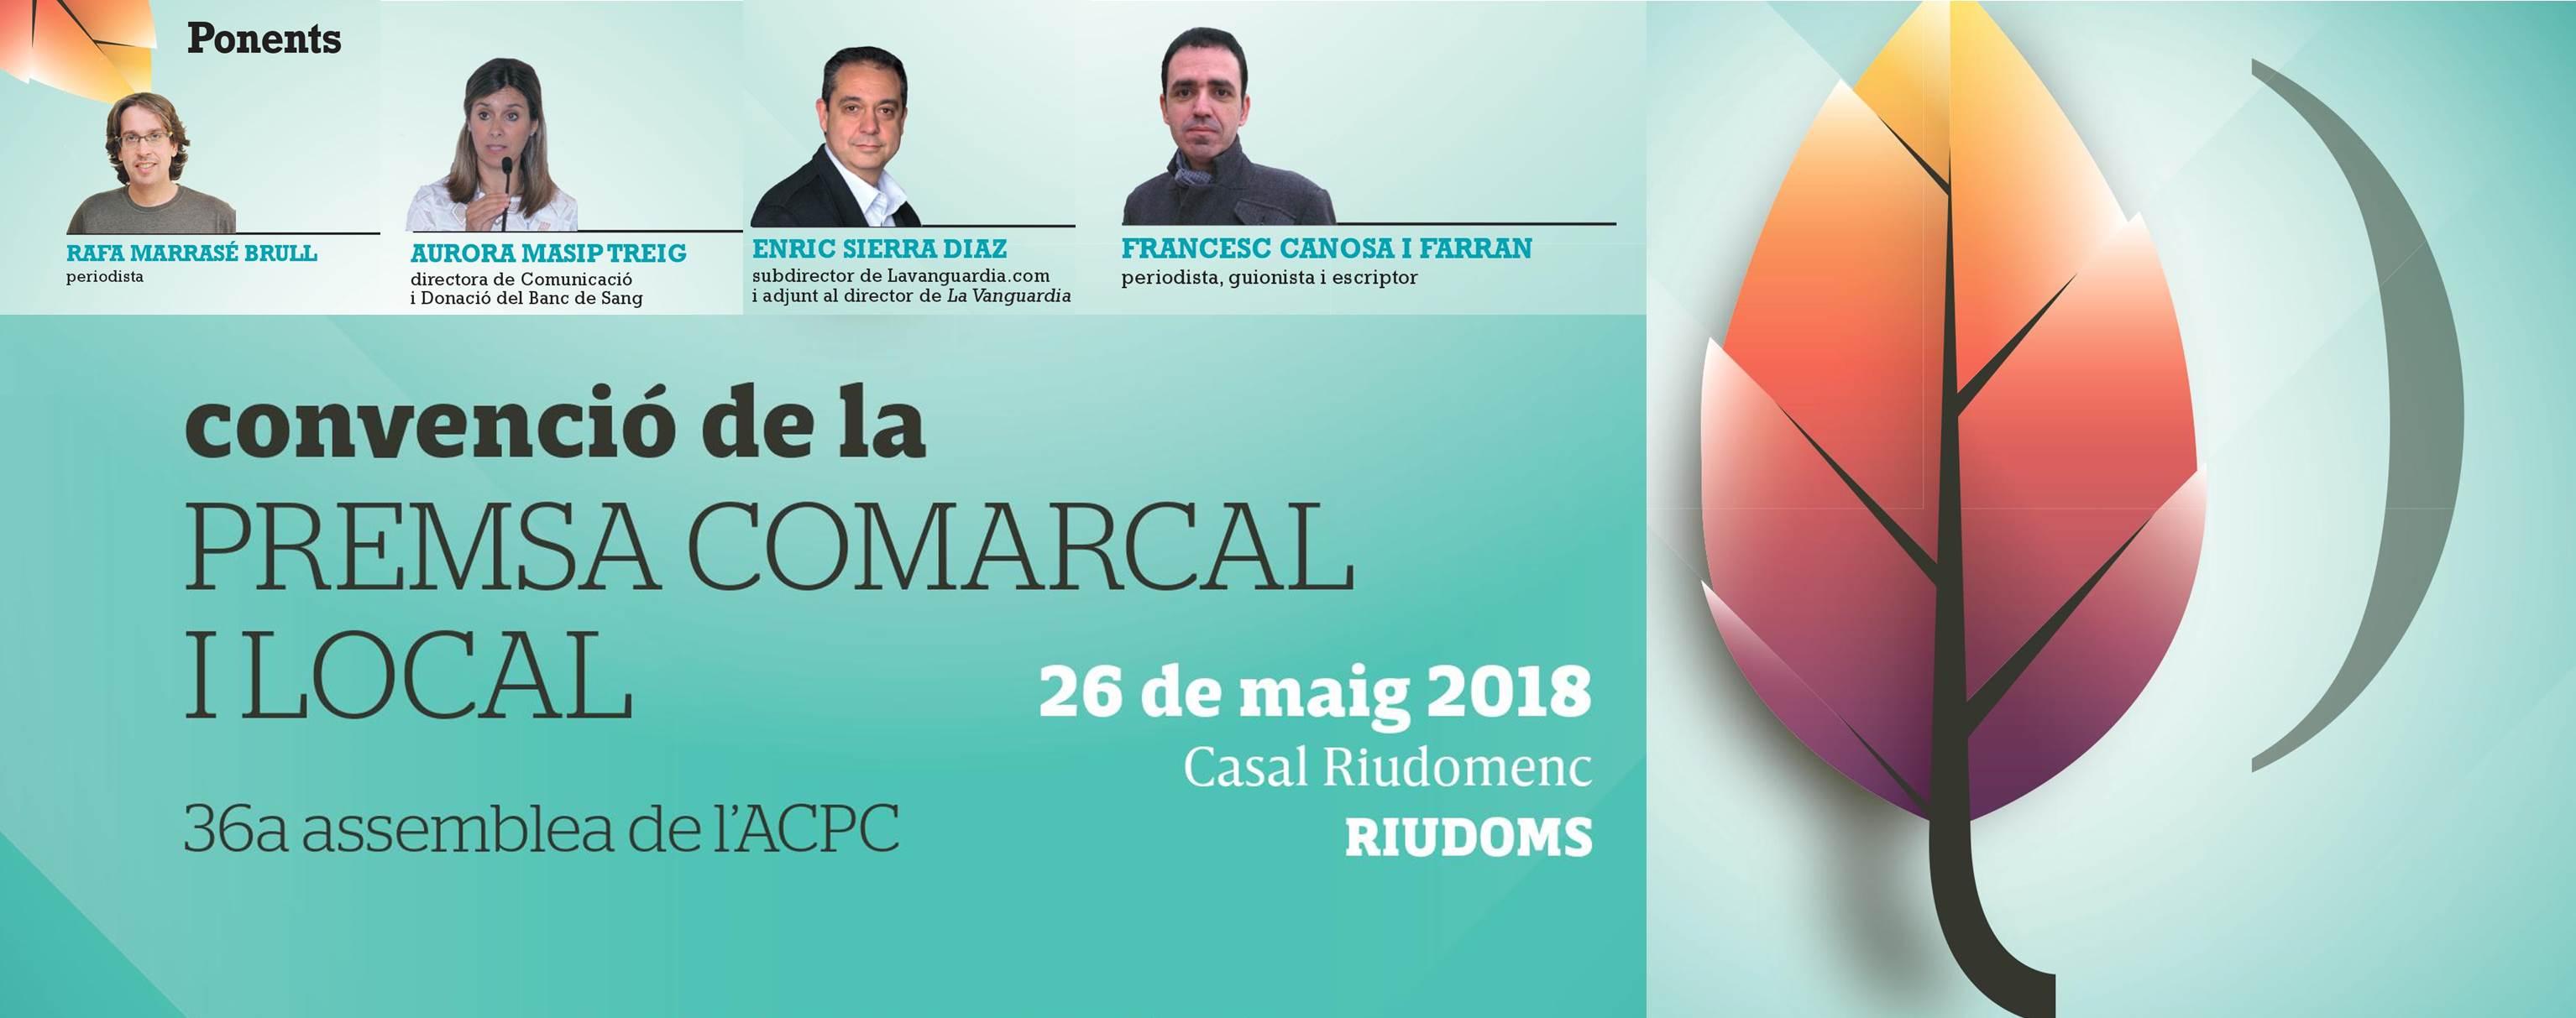 Ja podeu consultar el programa de l'Assemblea i Convenció de l'ACPC del 26 de maig a Riudoms